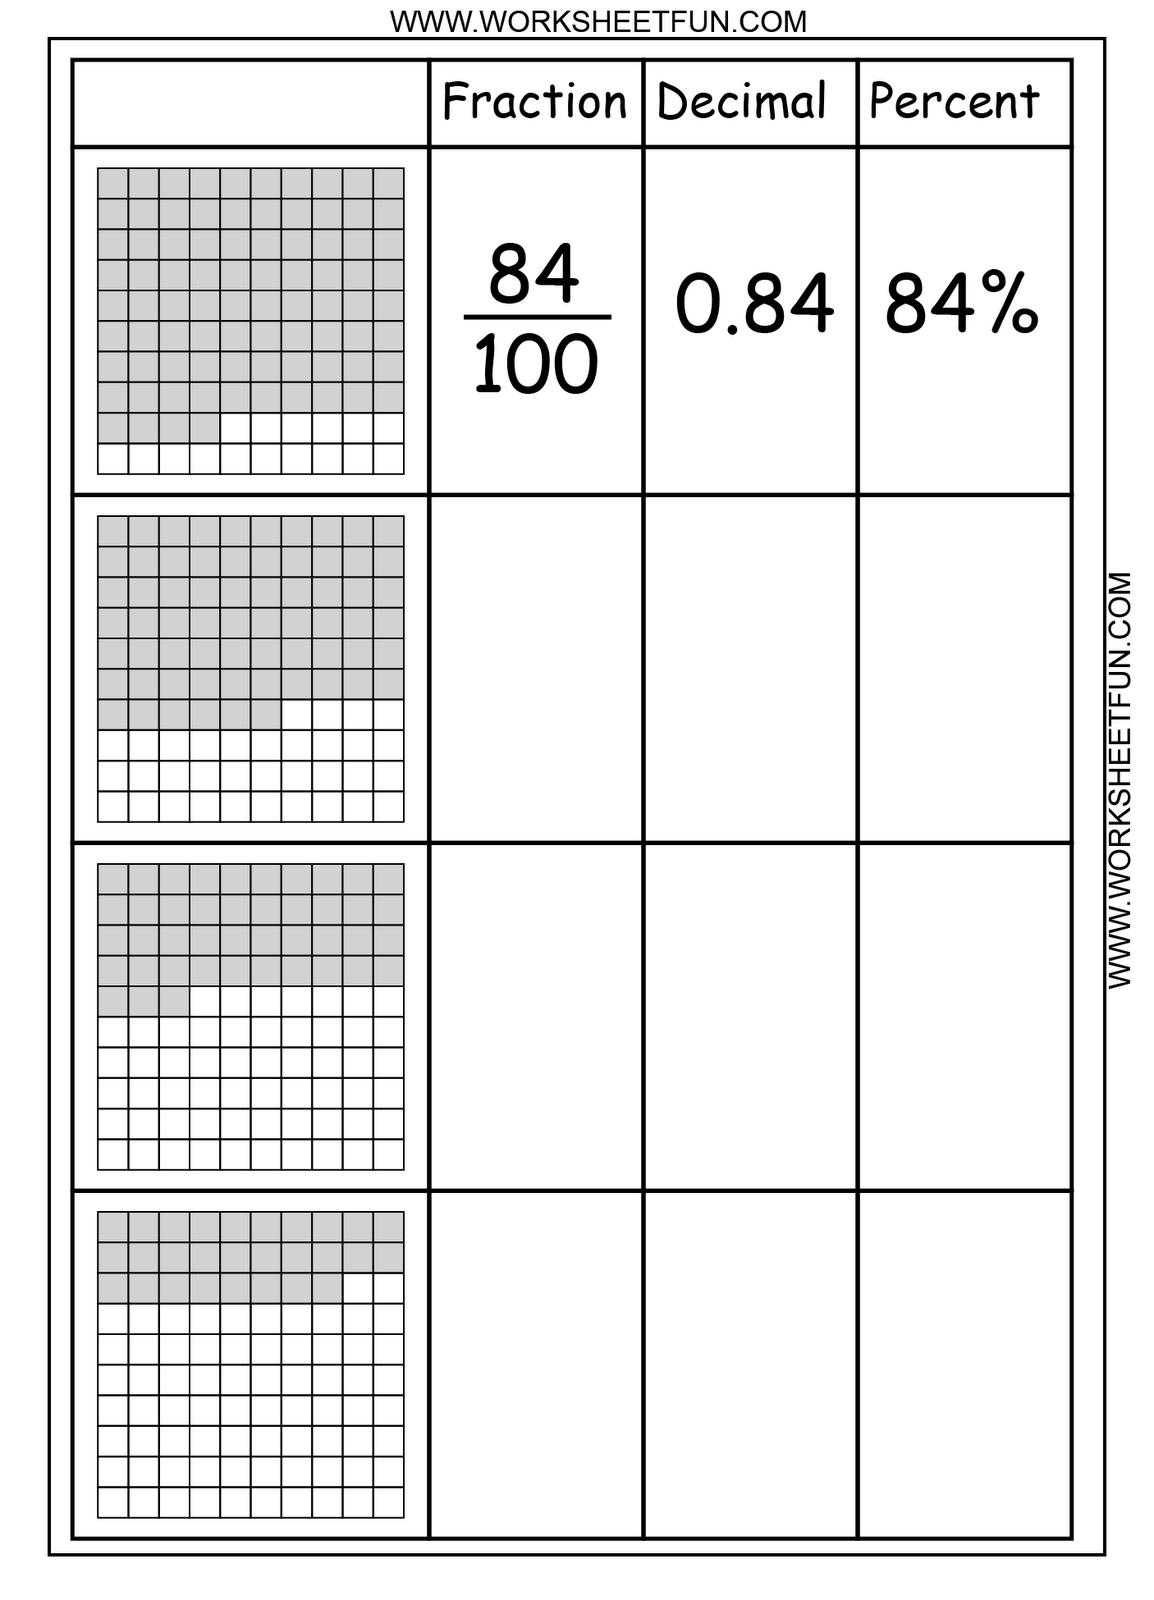 38 Fractions/Decimals/Percents ideas   fractions [ 1600 x 1154 Pixel ]